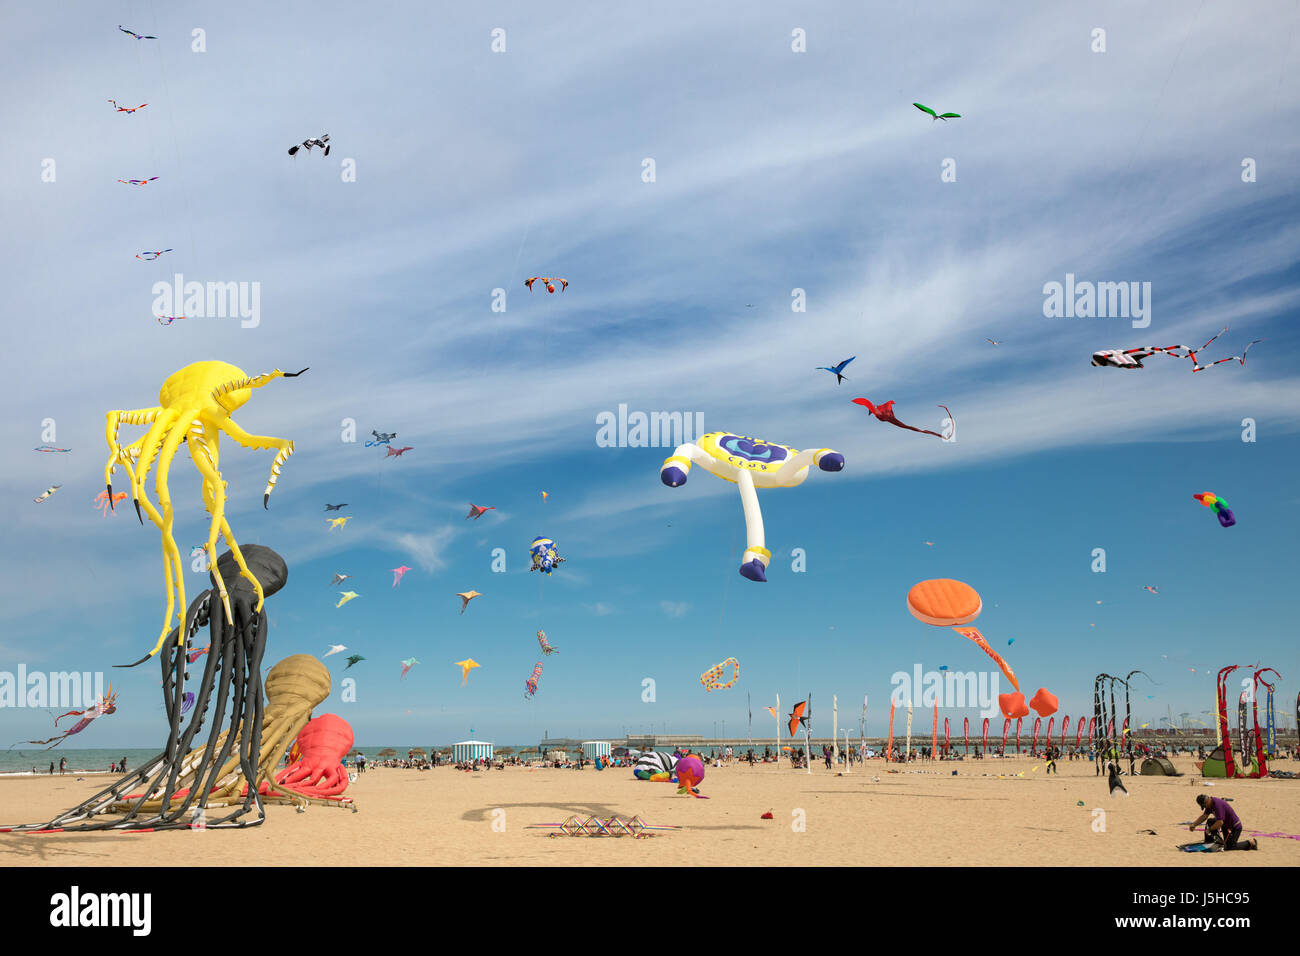 The kite festival (El Festival del viento) in Valencia, Spain - Stock Image